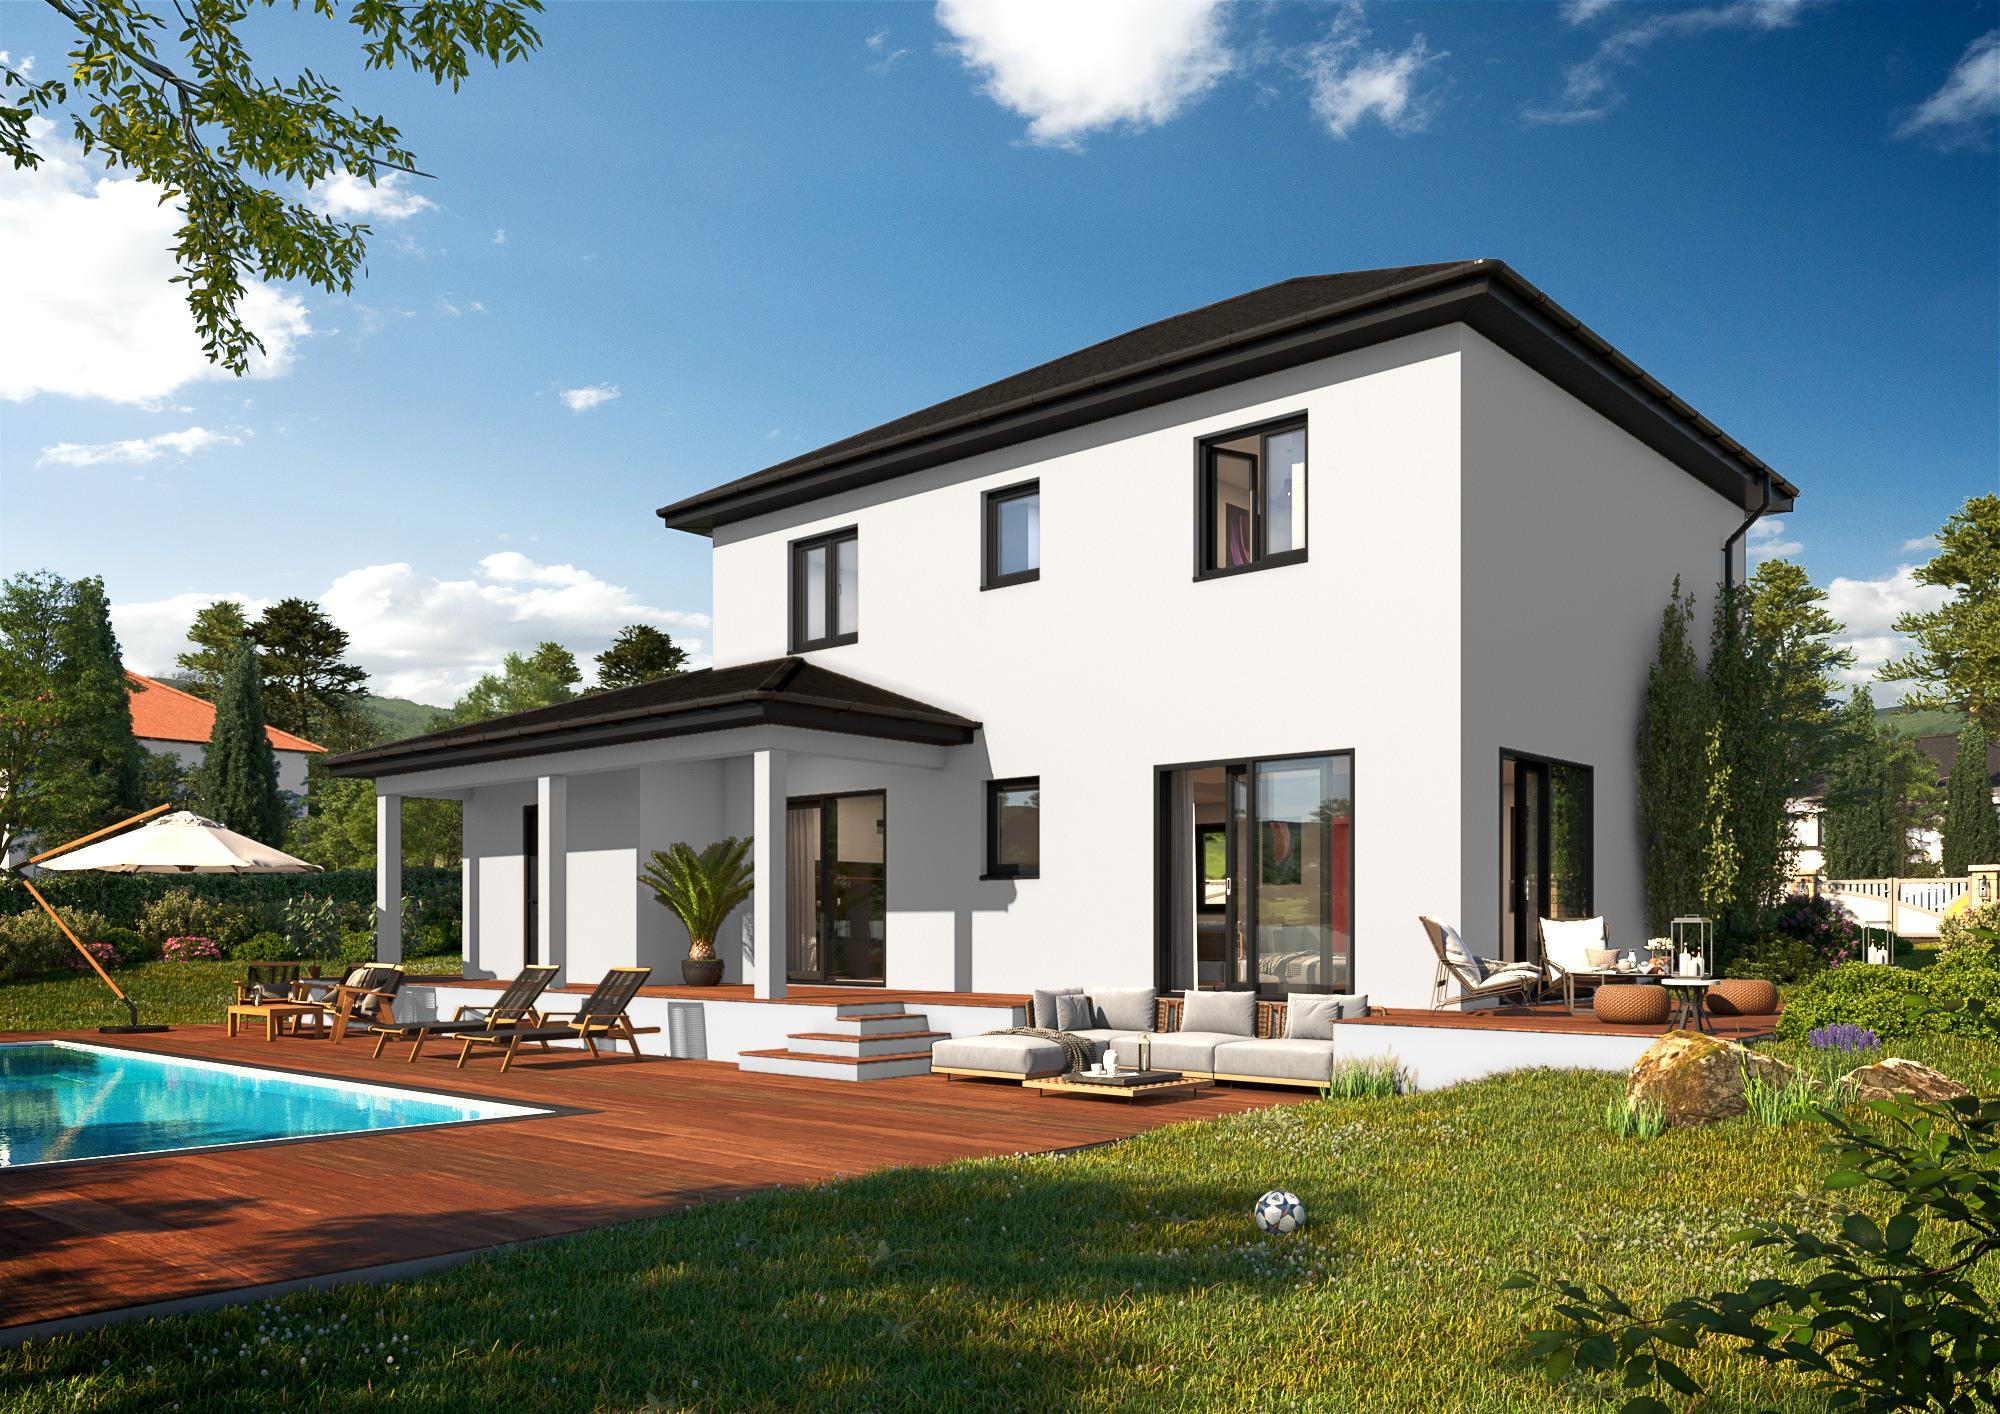 Maisons + Terrains du constructeur DEMEURES CALADOISES BRON • 115 m² • CHAZEY SUR AIN